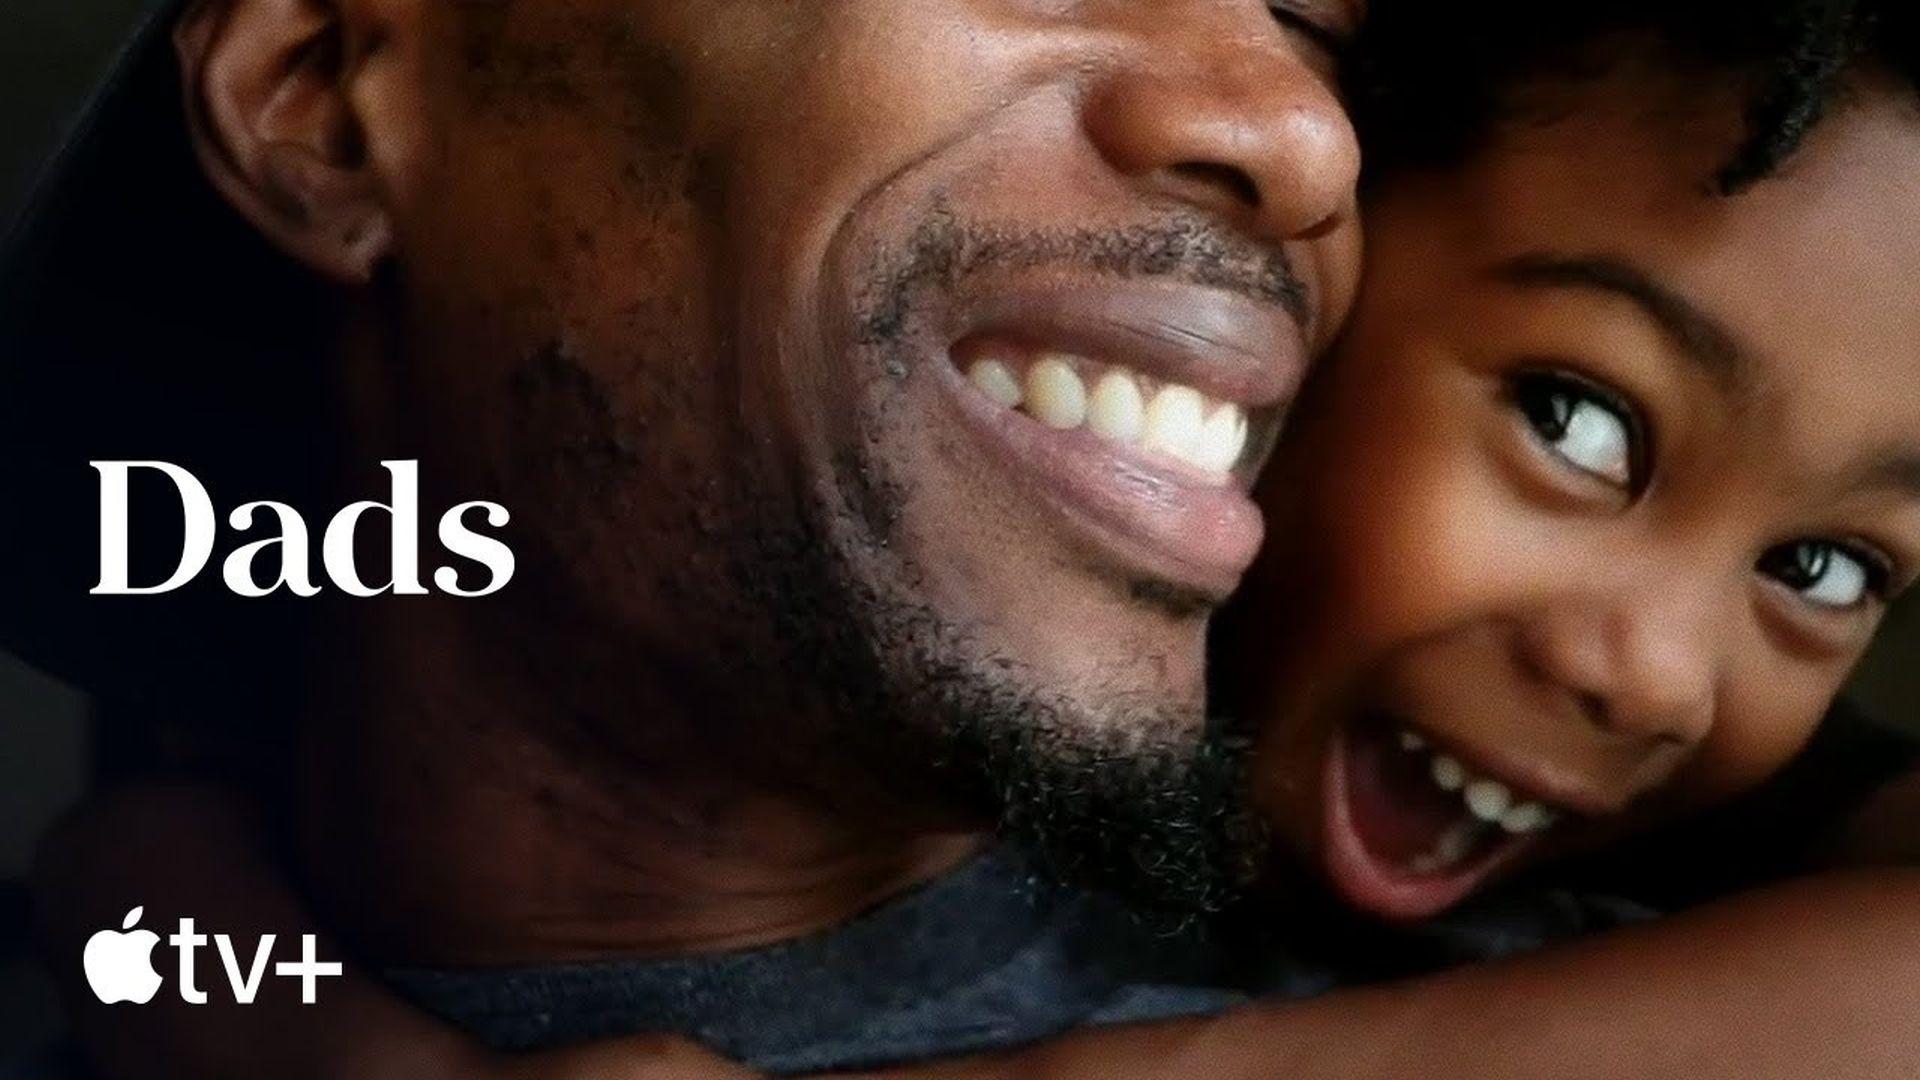 """Dostępny nowy zwiastun filmu dokumentalnego """"Dads"""""""